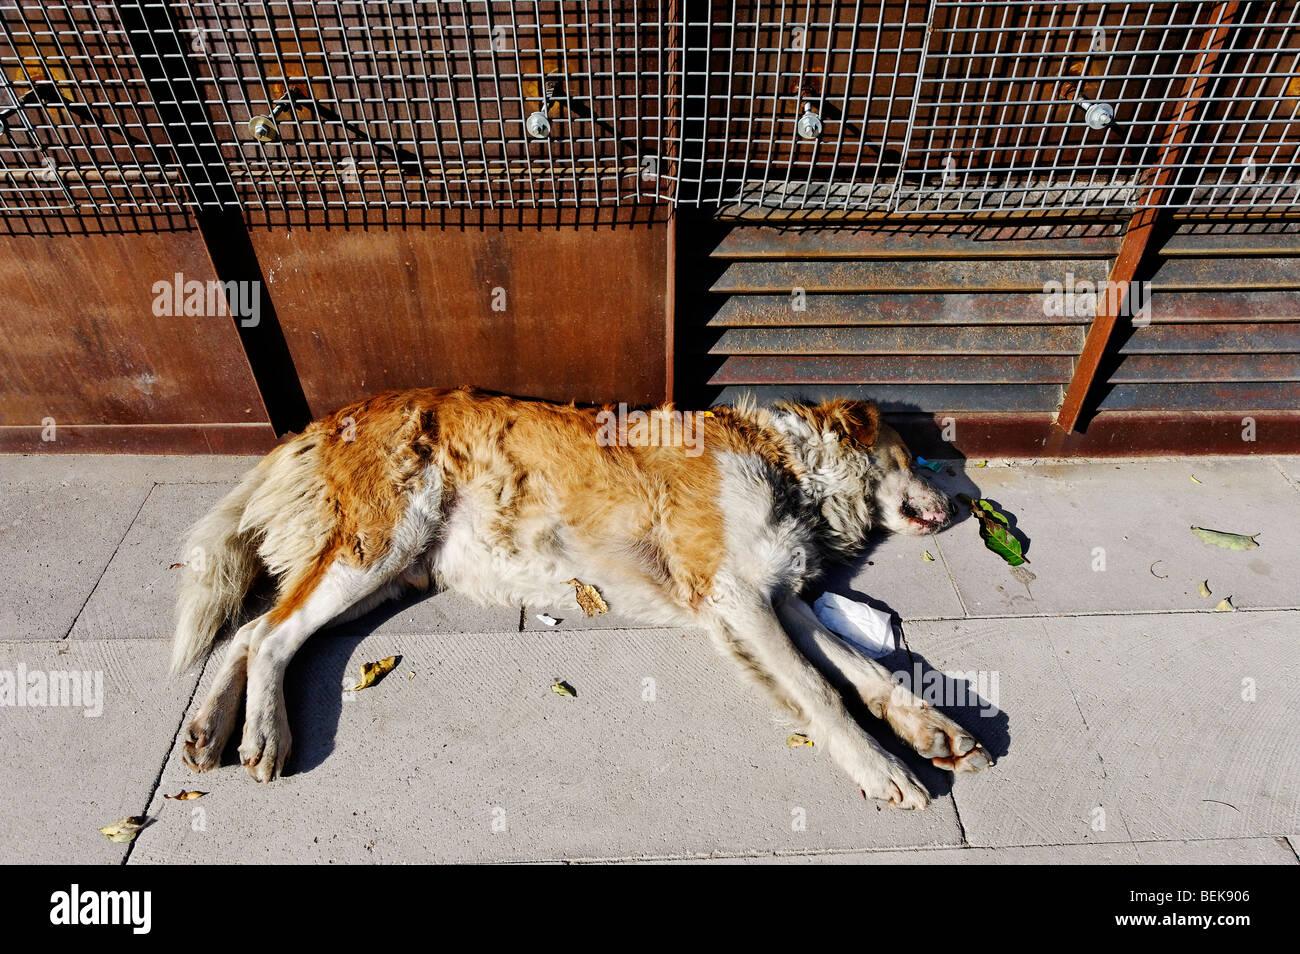 Streunenden Sie Hund schlafen unter Wurf in einer Stadtstraße Stockbild